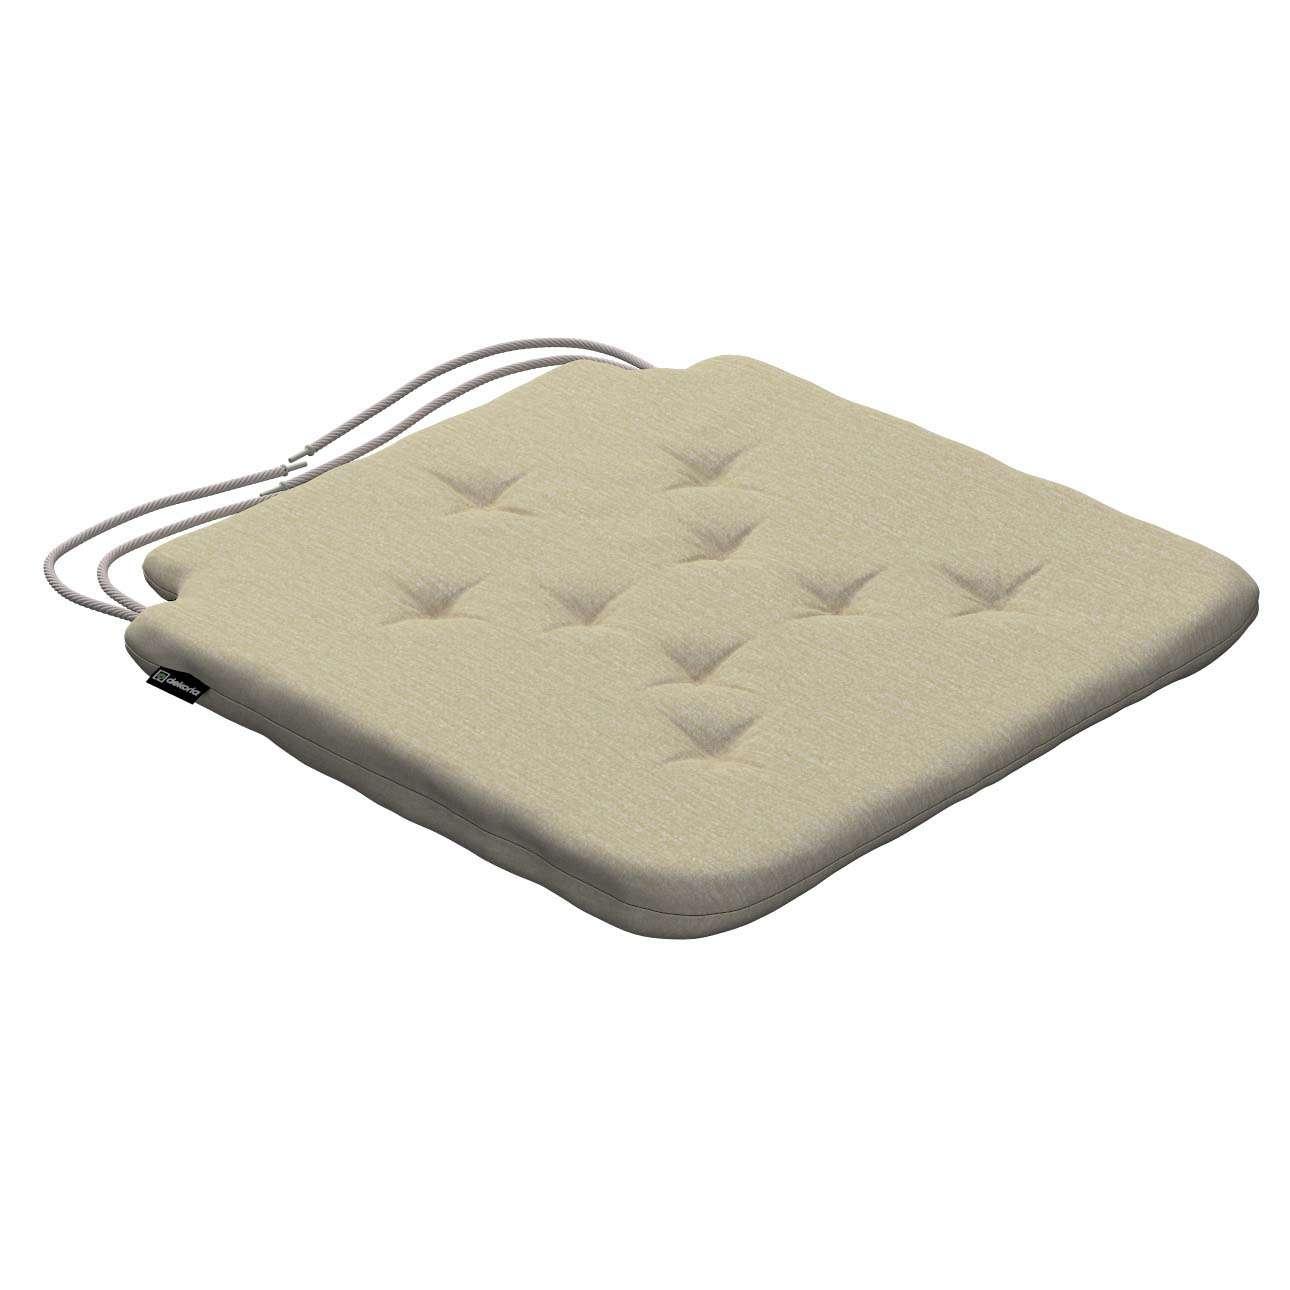 Siedzisko Olek na krzesło 42x41x3,5cm w kolekcji Chenille, tkanina: 702-22